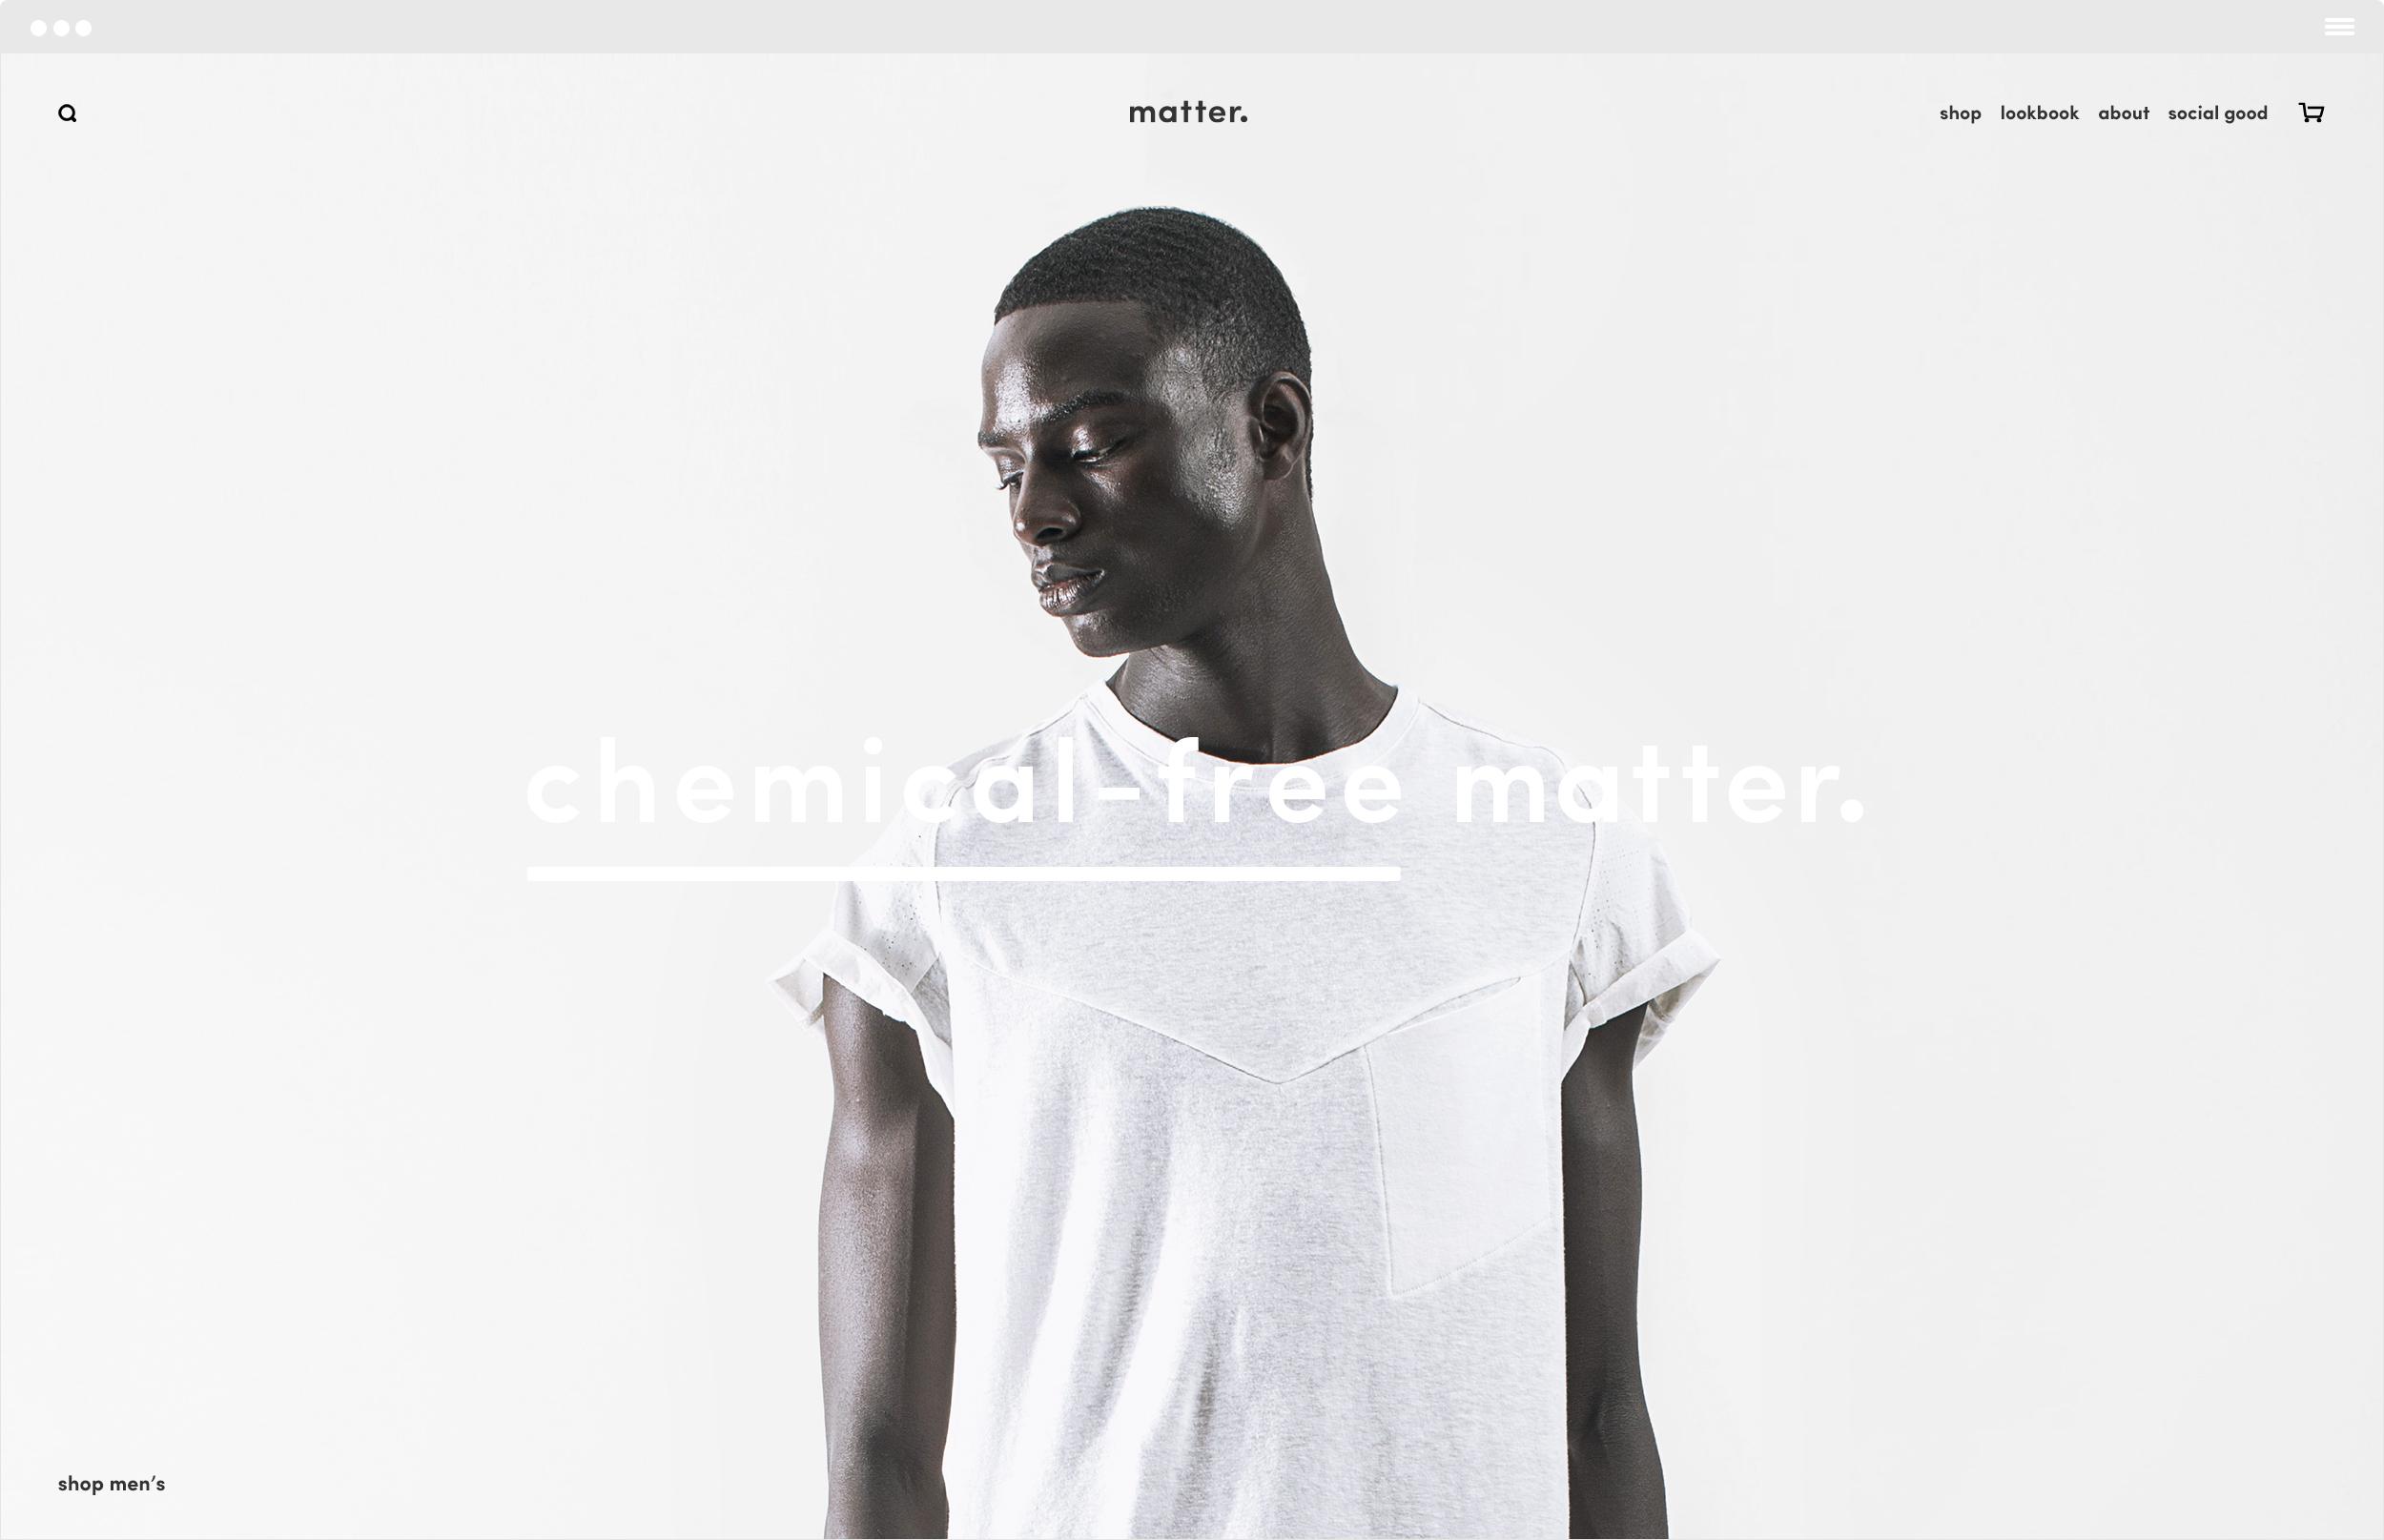 matter-web-home.jpg